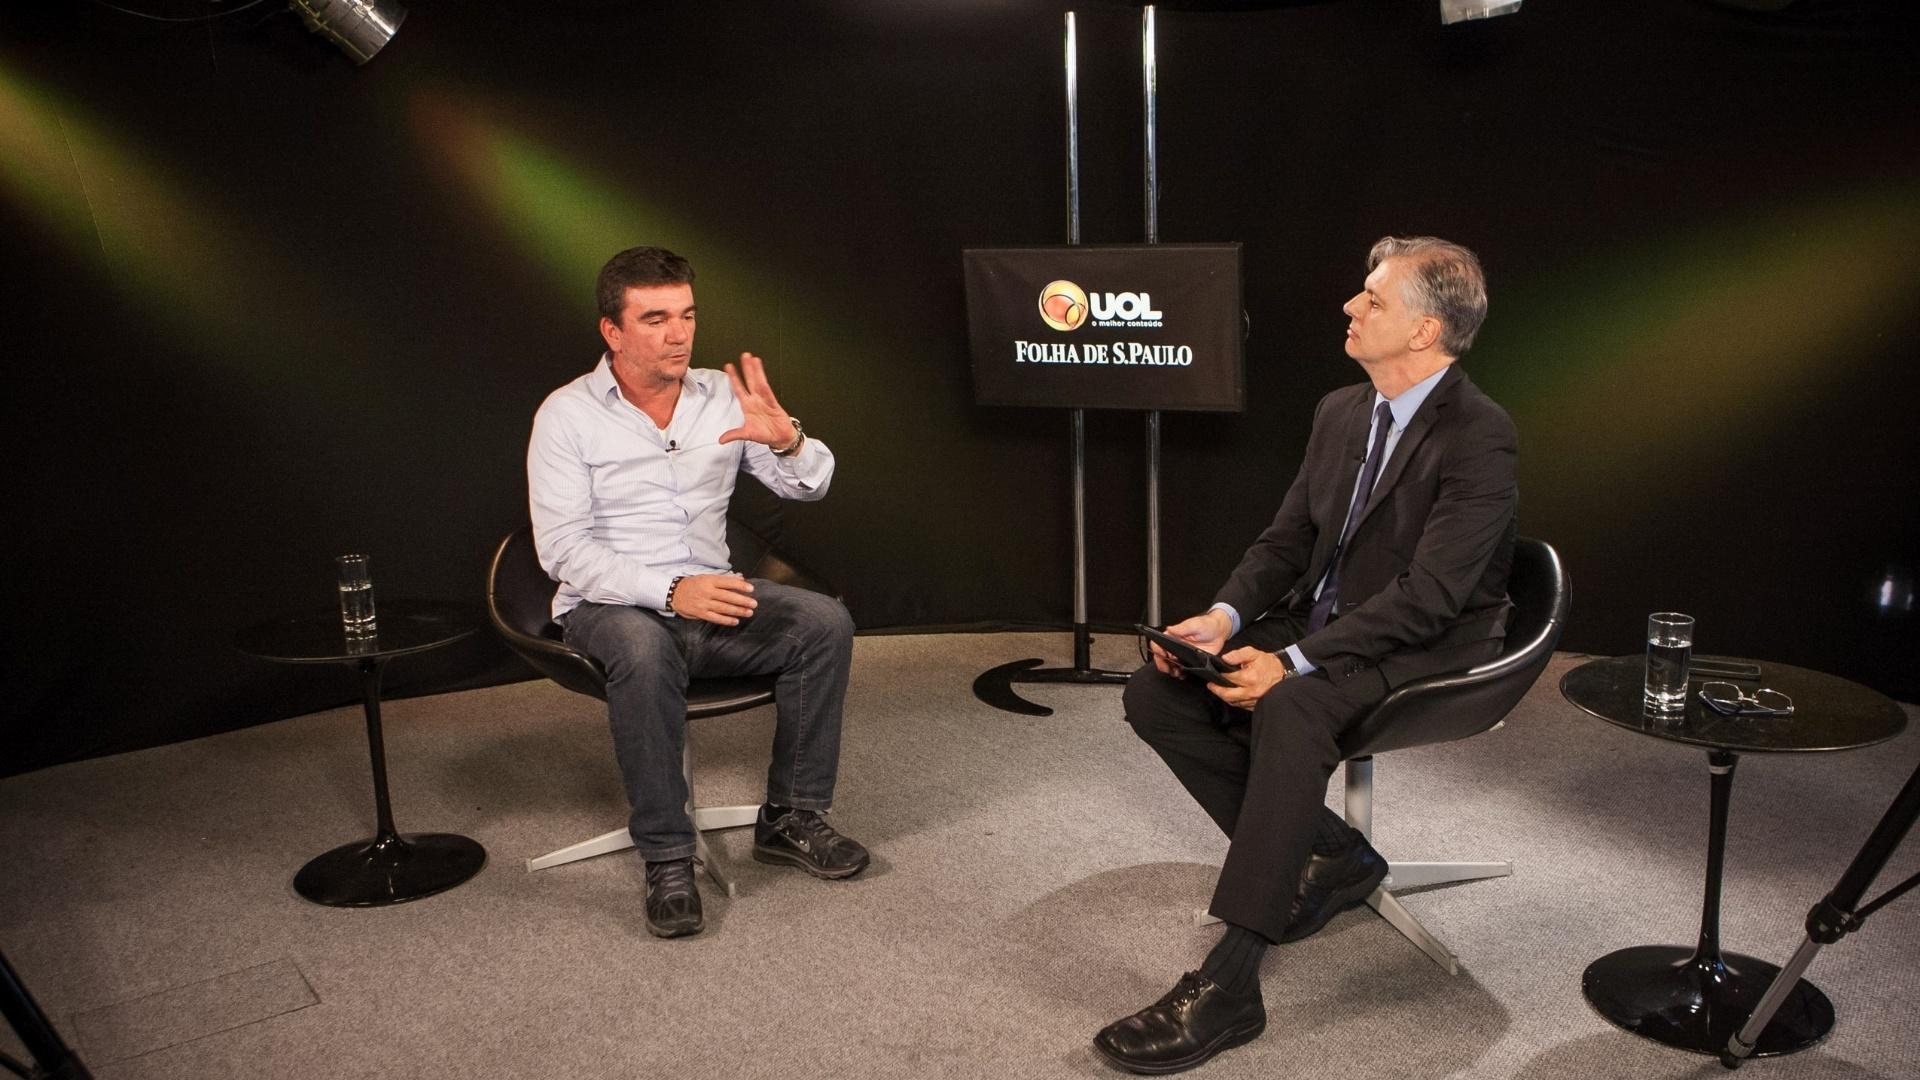 Ex-presidente do Corinthians e hoje conselheiro vitalício do clube concedeu entrevista ao UOL e à Folha em 4.jun.2014. A gravação ocorreu no estúdio do UOL em São Paulo..